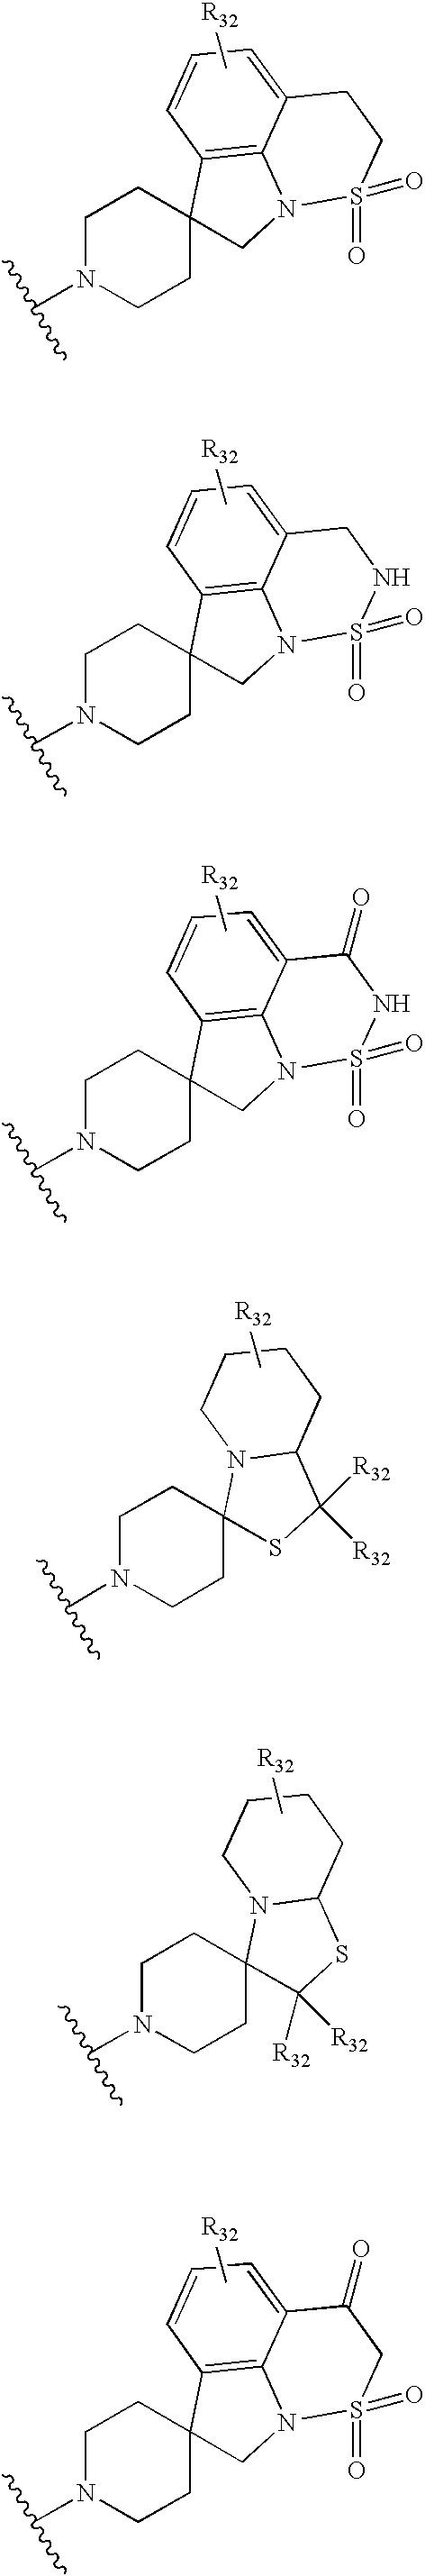 Figure US20040229882A1-20041118-C00009